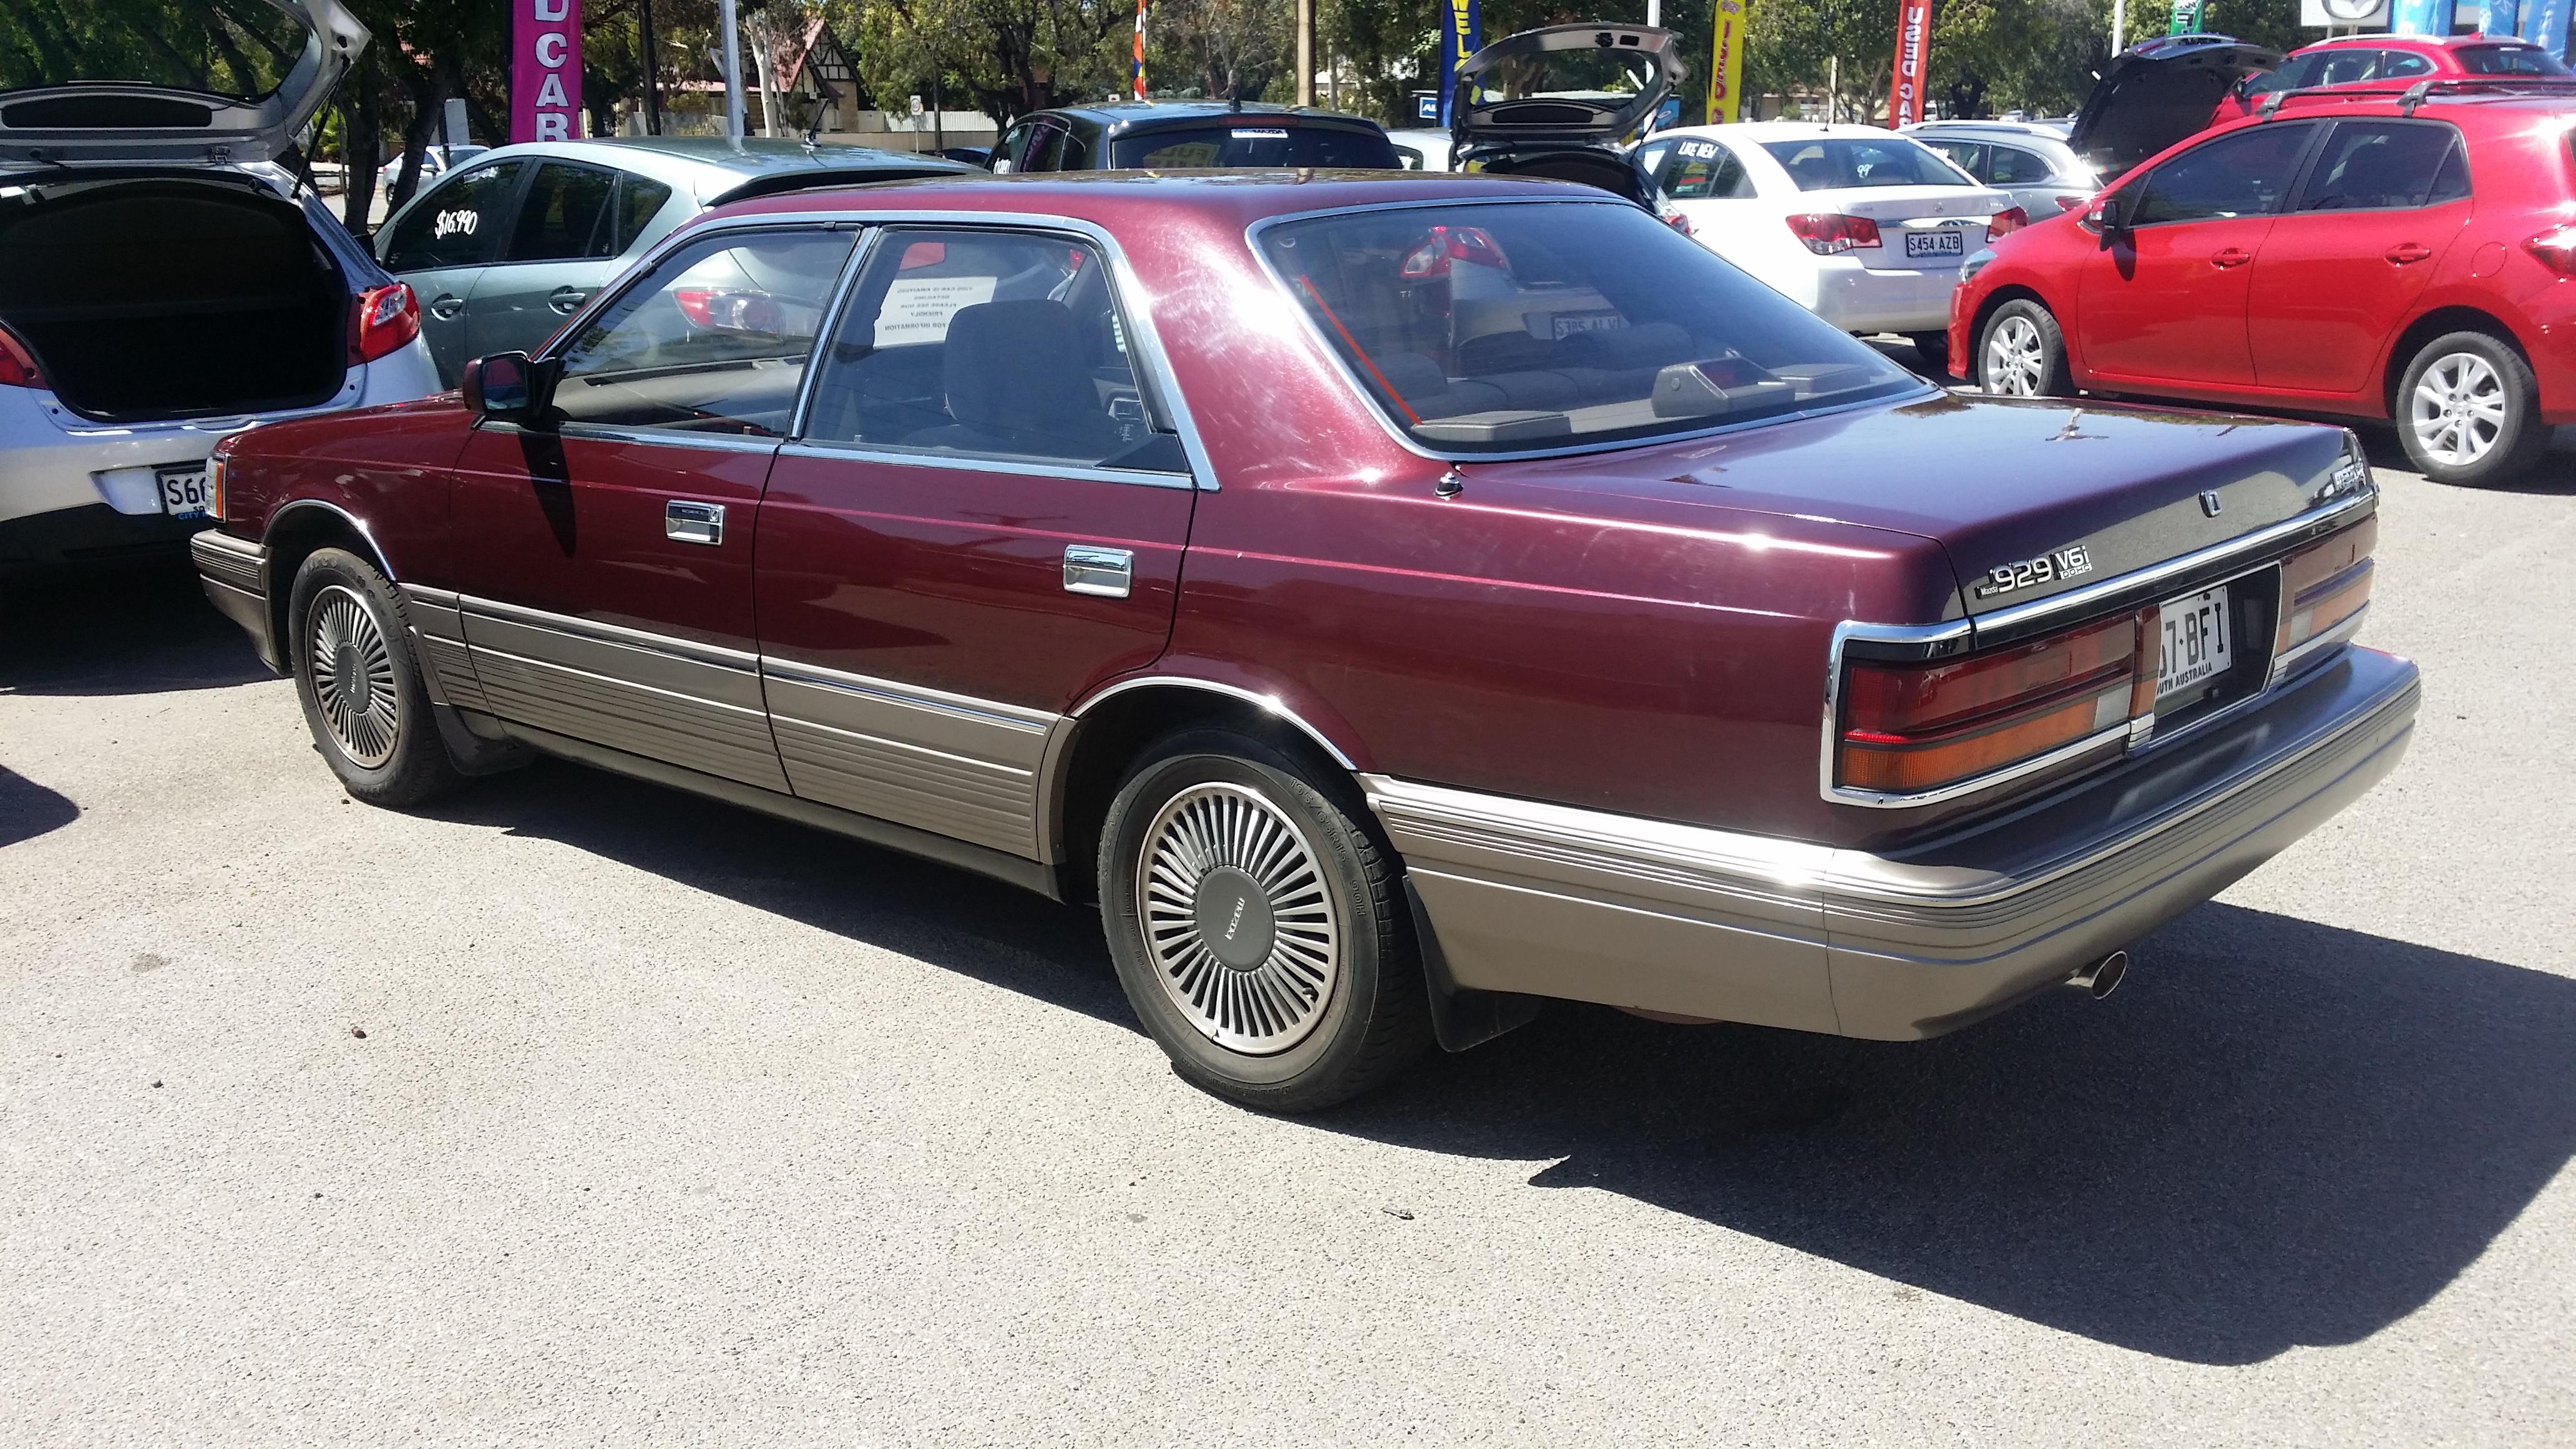 File:1990 Mazda 929 V6i - 33,000km (16591725987).jpg